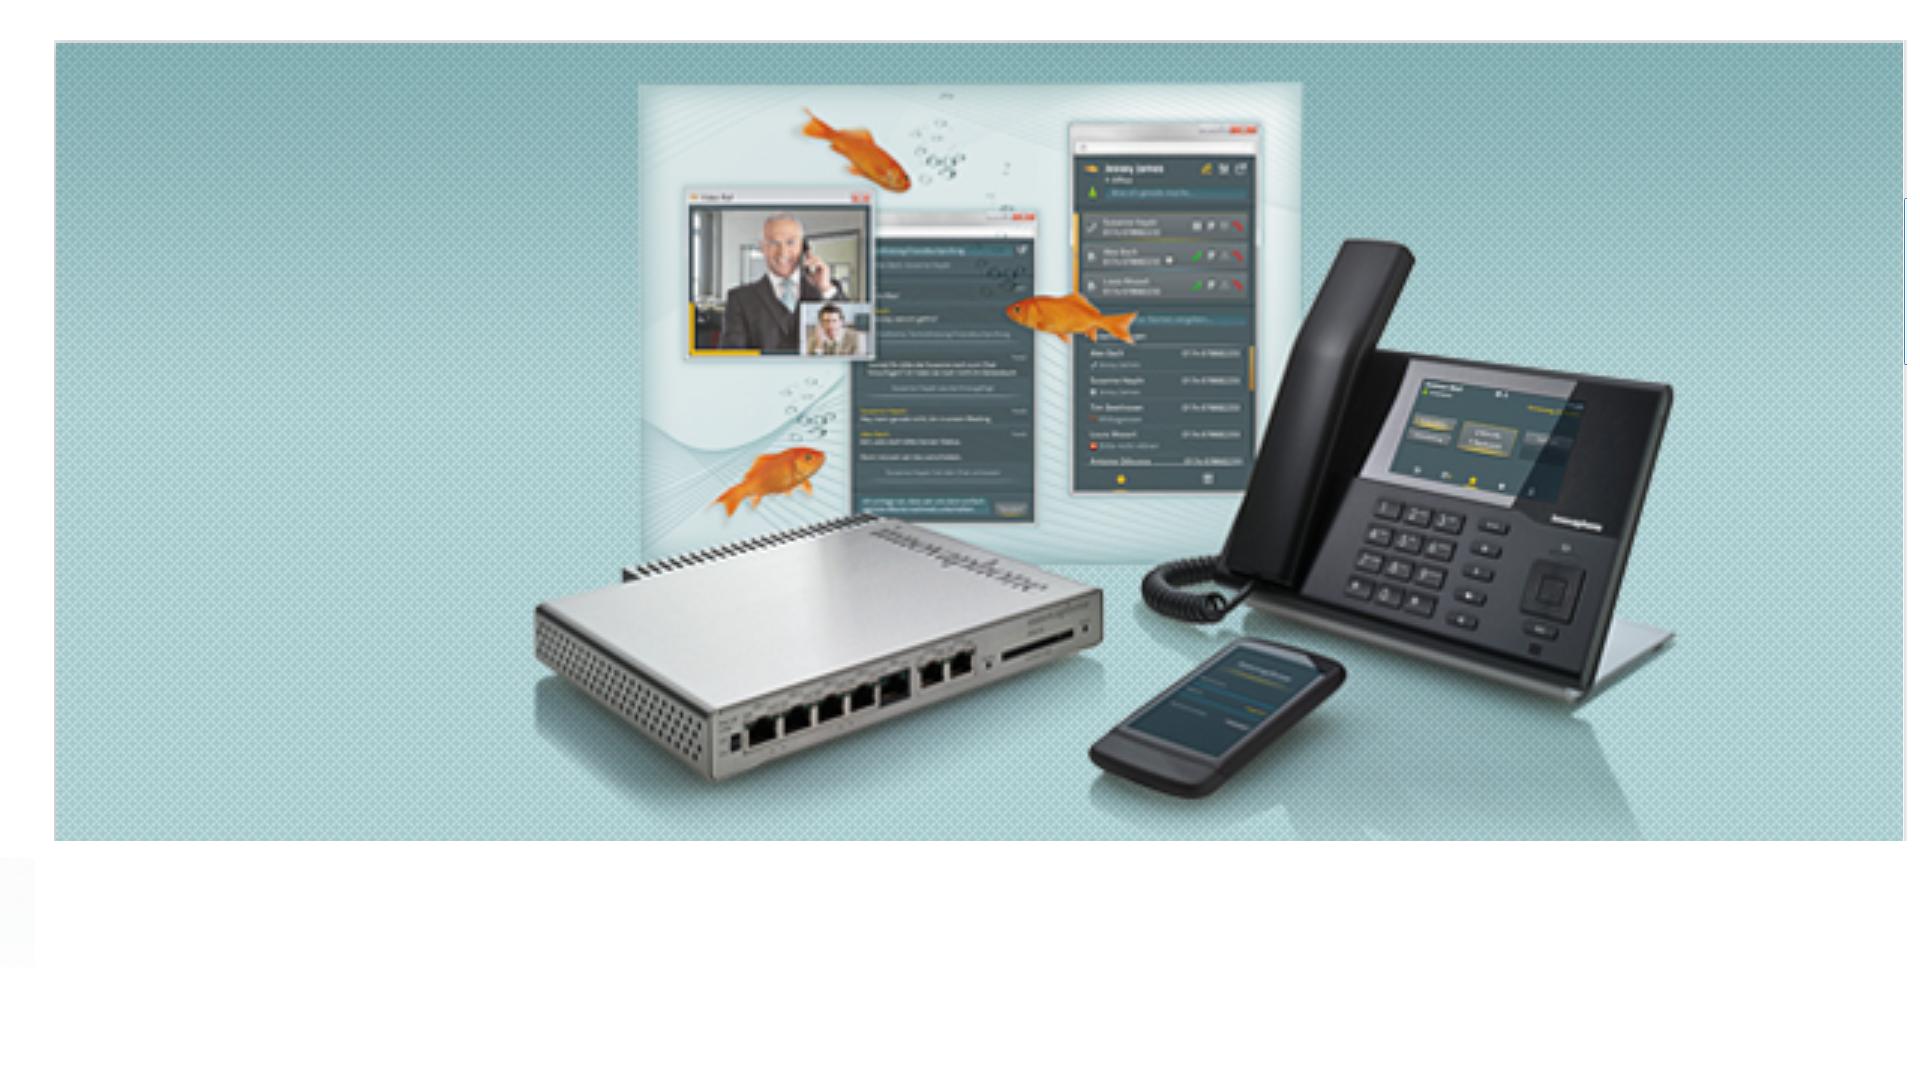 Komsa Systems dystrybutorem innovaphone